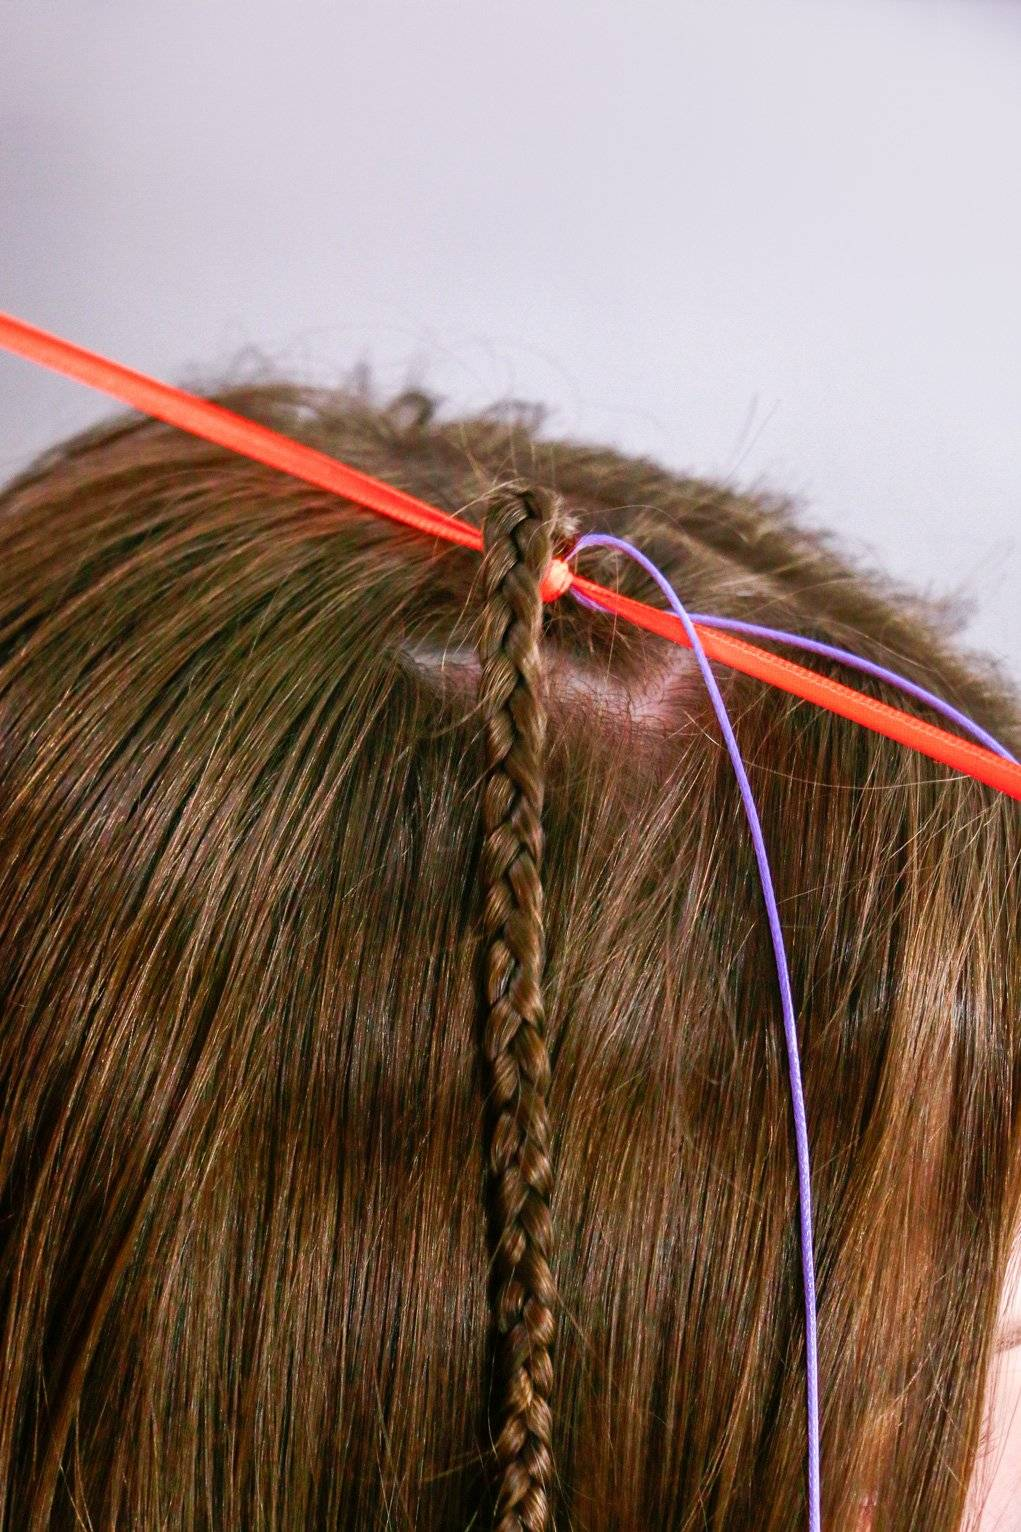 Faça um laço com a fita na raiz da trança, coloque a linha no meio e puxe bem João Guizze/ Divulgação